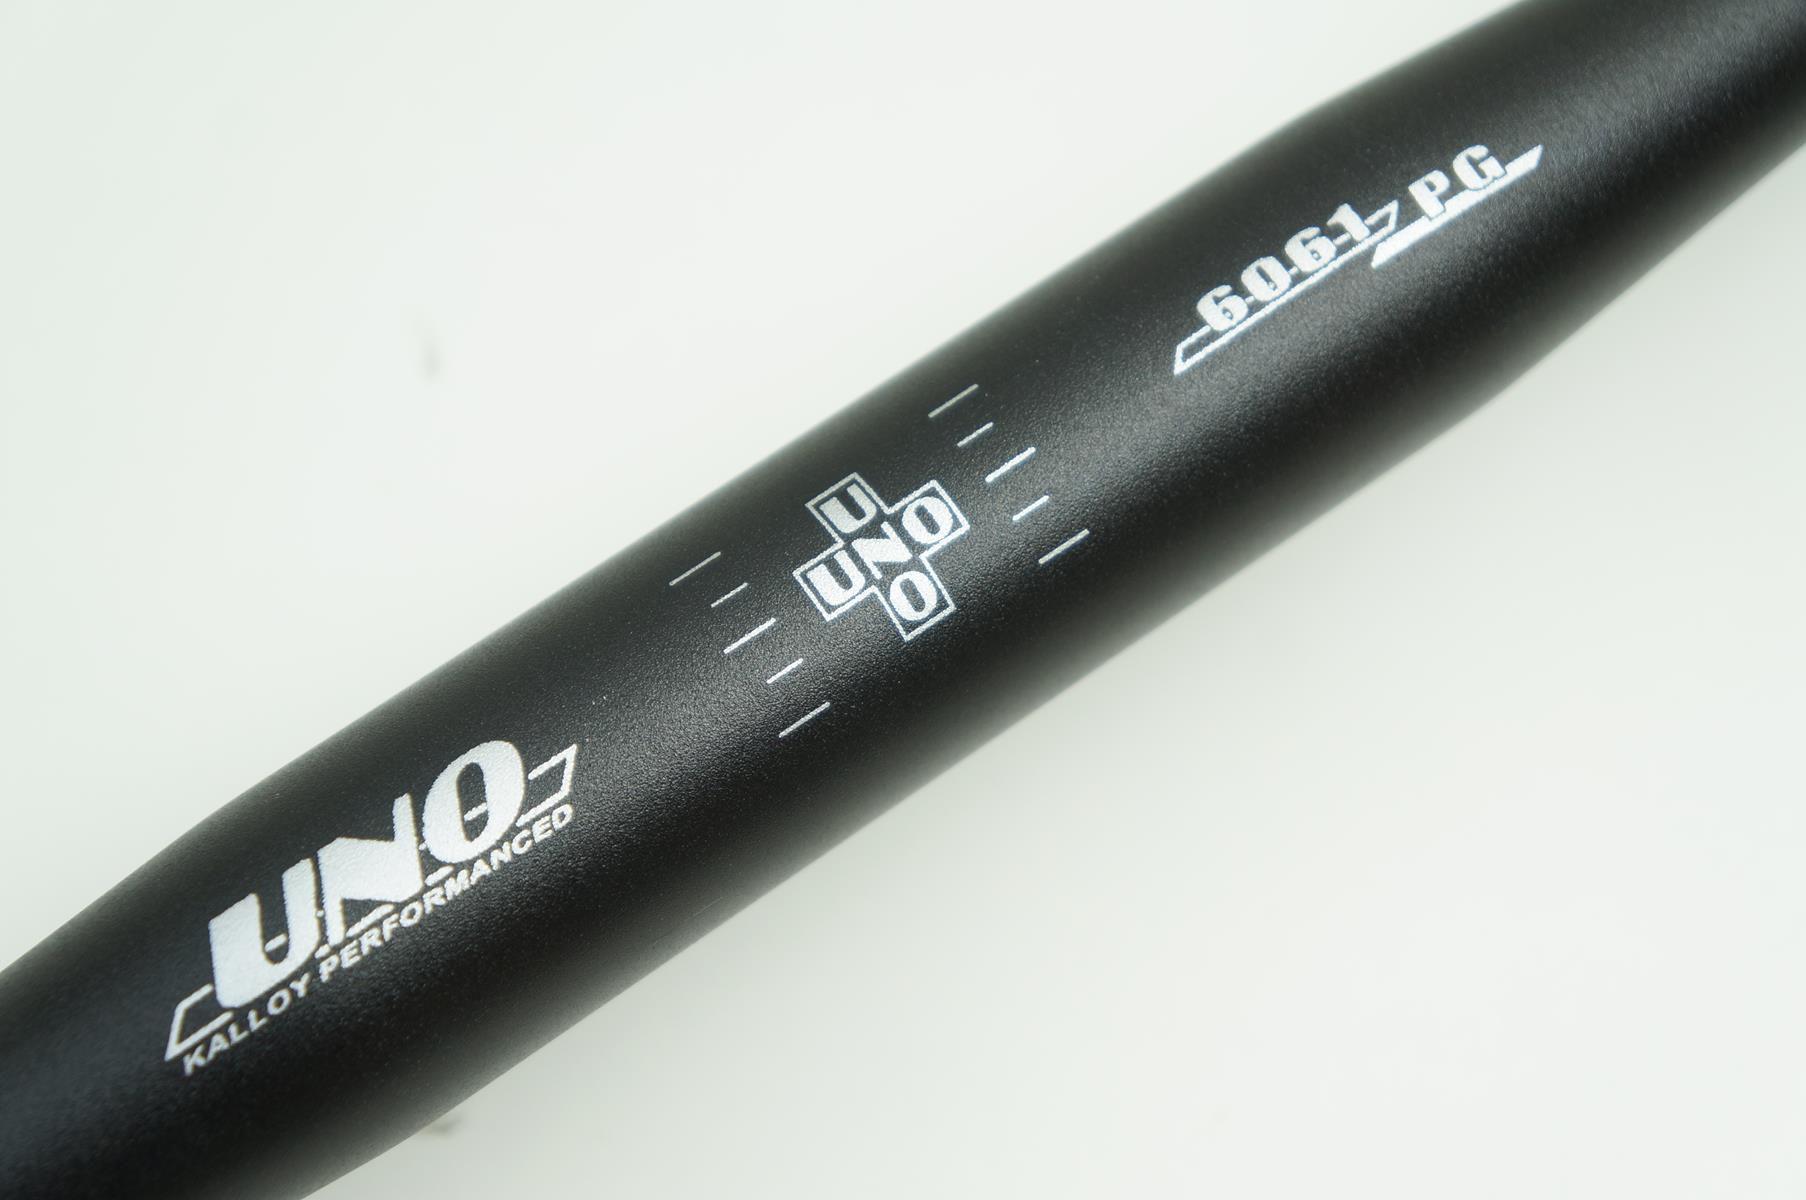 Guidão Bicicleta Speed Uno 420mm 31.8mm Preto em Alumínio 6061